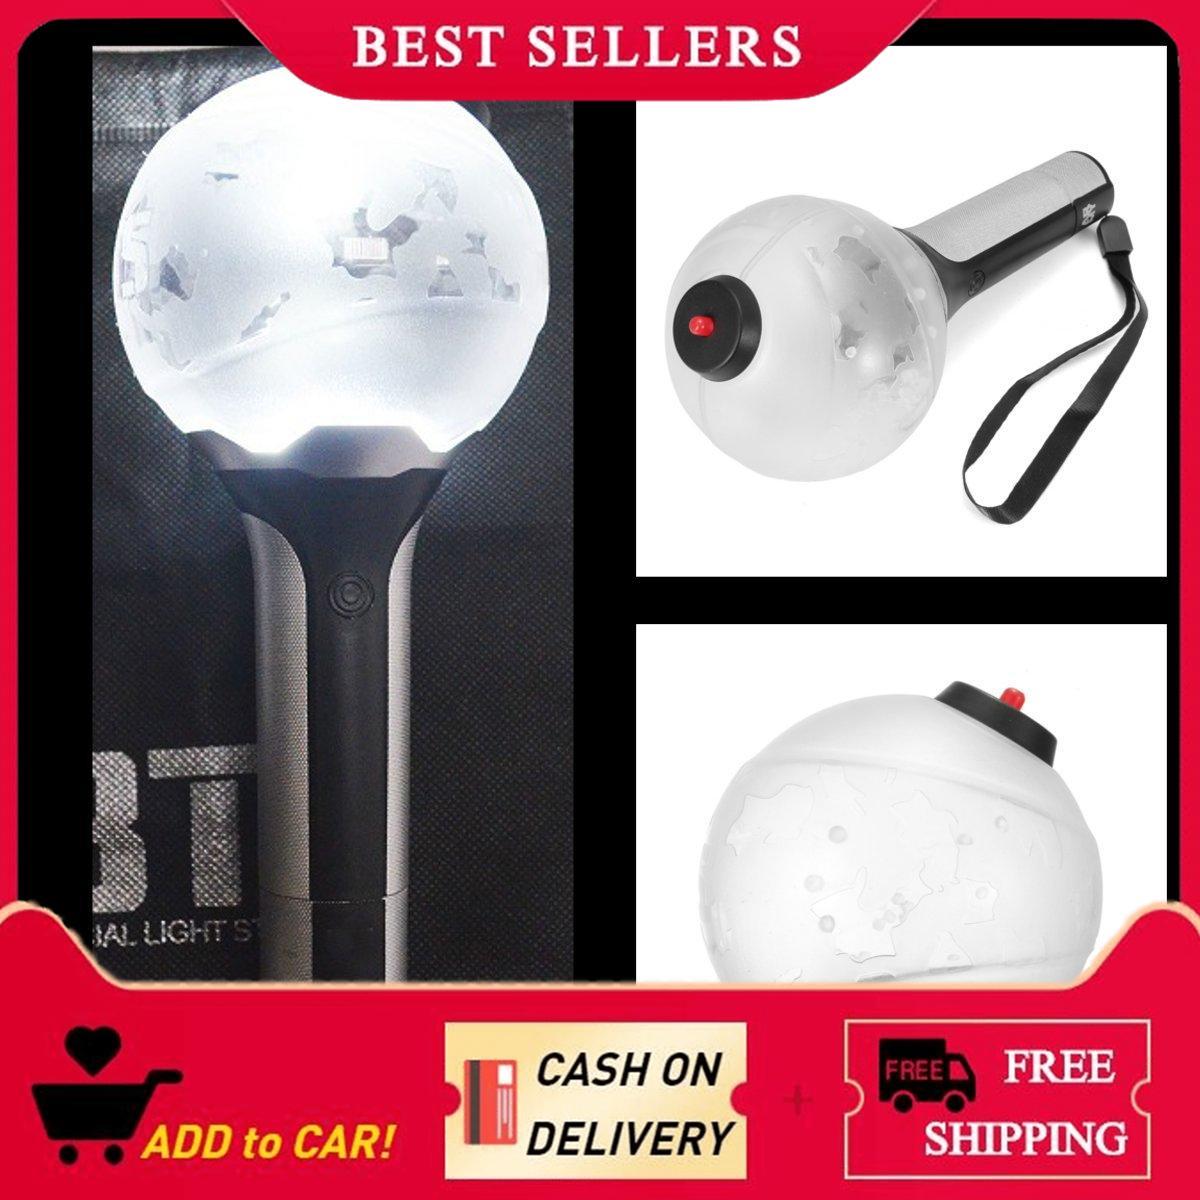 KPOP BTS ARMY Bomb Light Stick Bangtan Boys Group Concert Lamp Lightstick Hot - intl